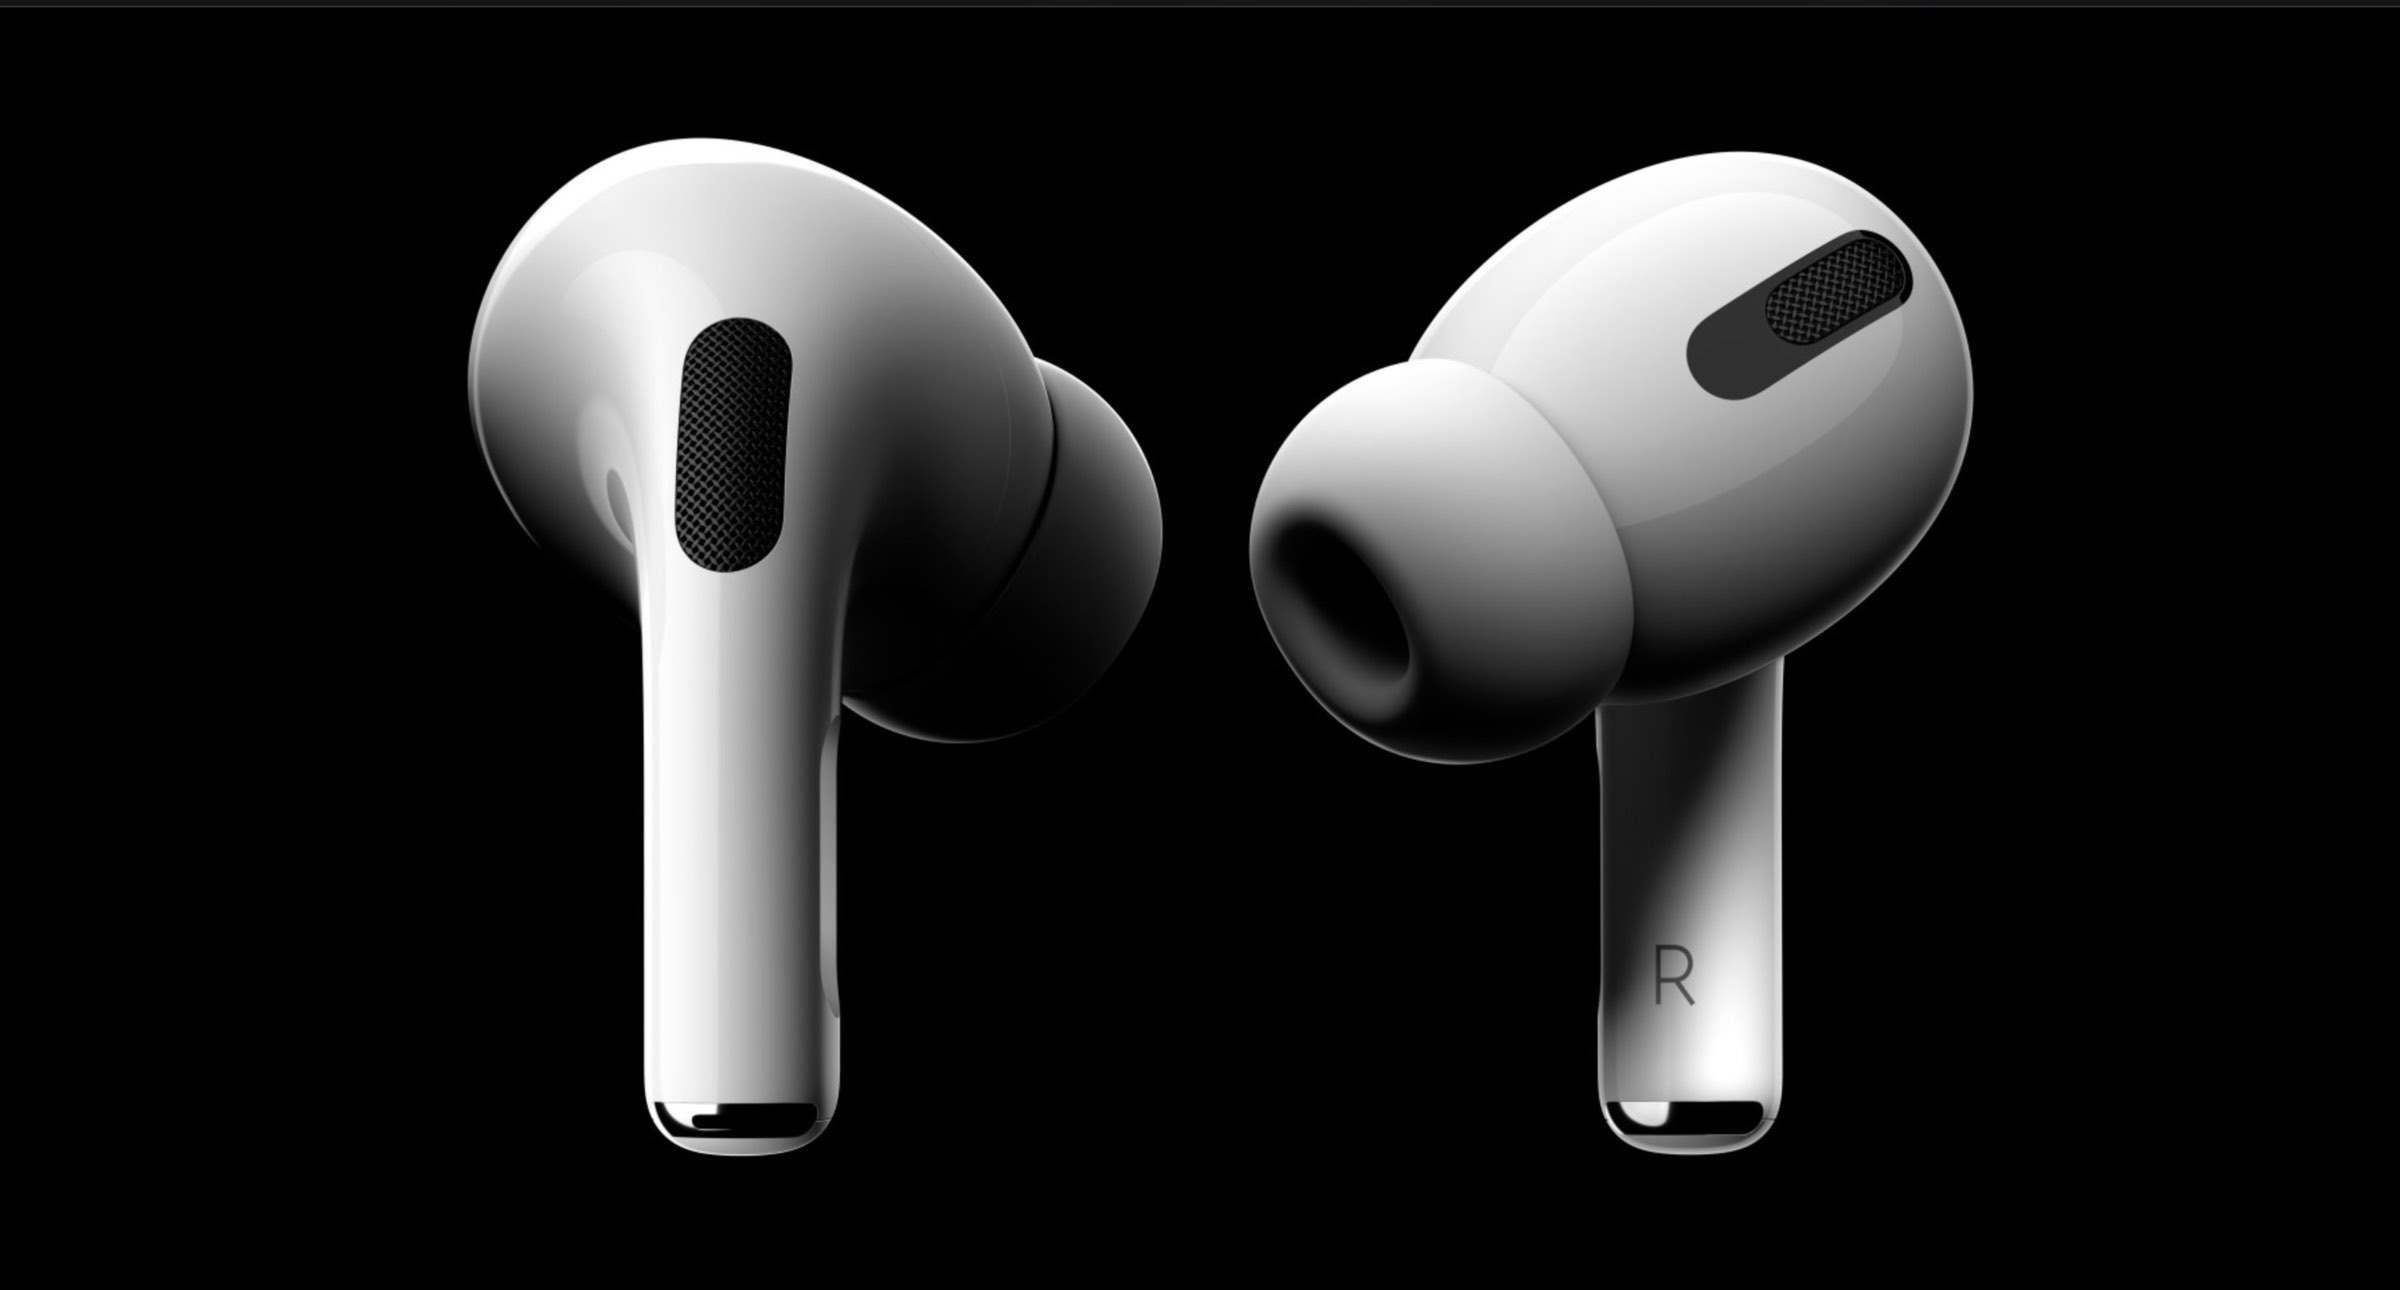 Apple AirPods Pro: Neue True Wireless Kopfhörer offiziell vorgestellt